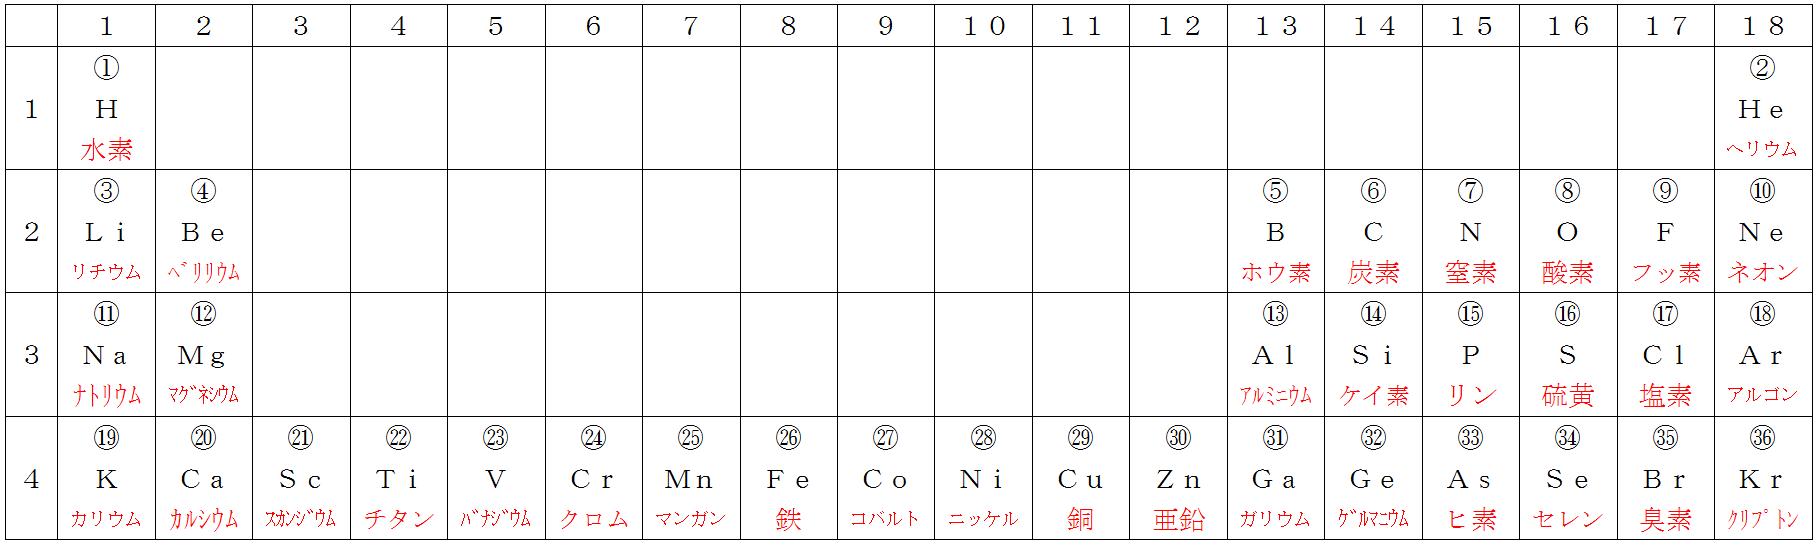 エロ い 元素 記号 の 覚え 方